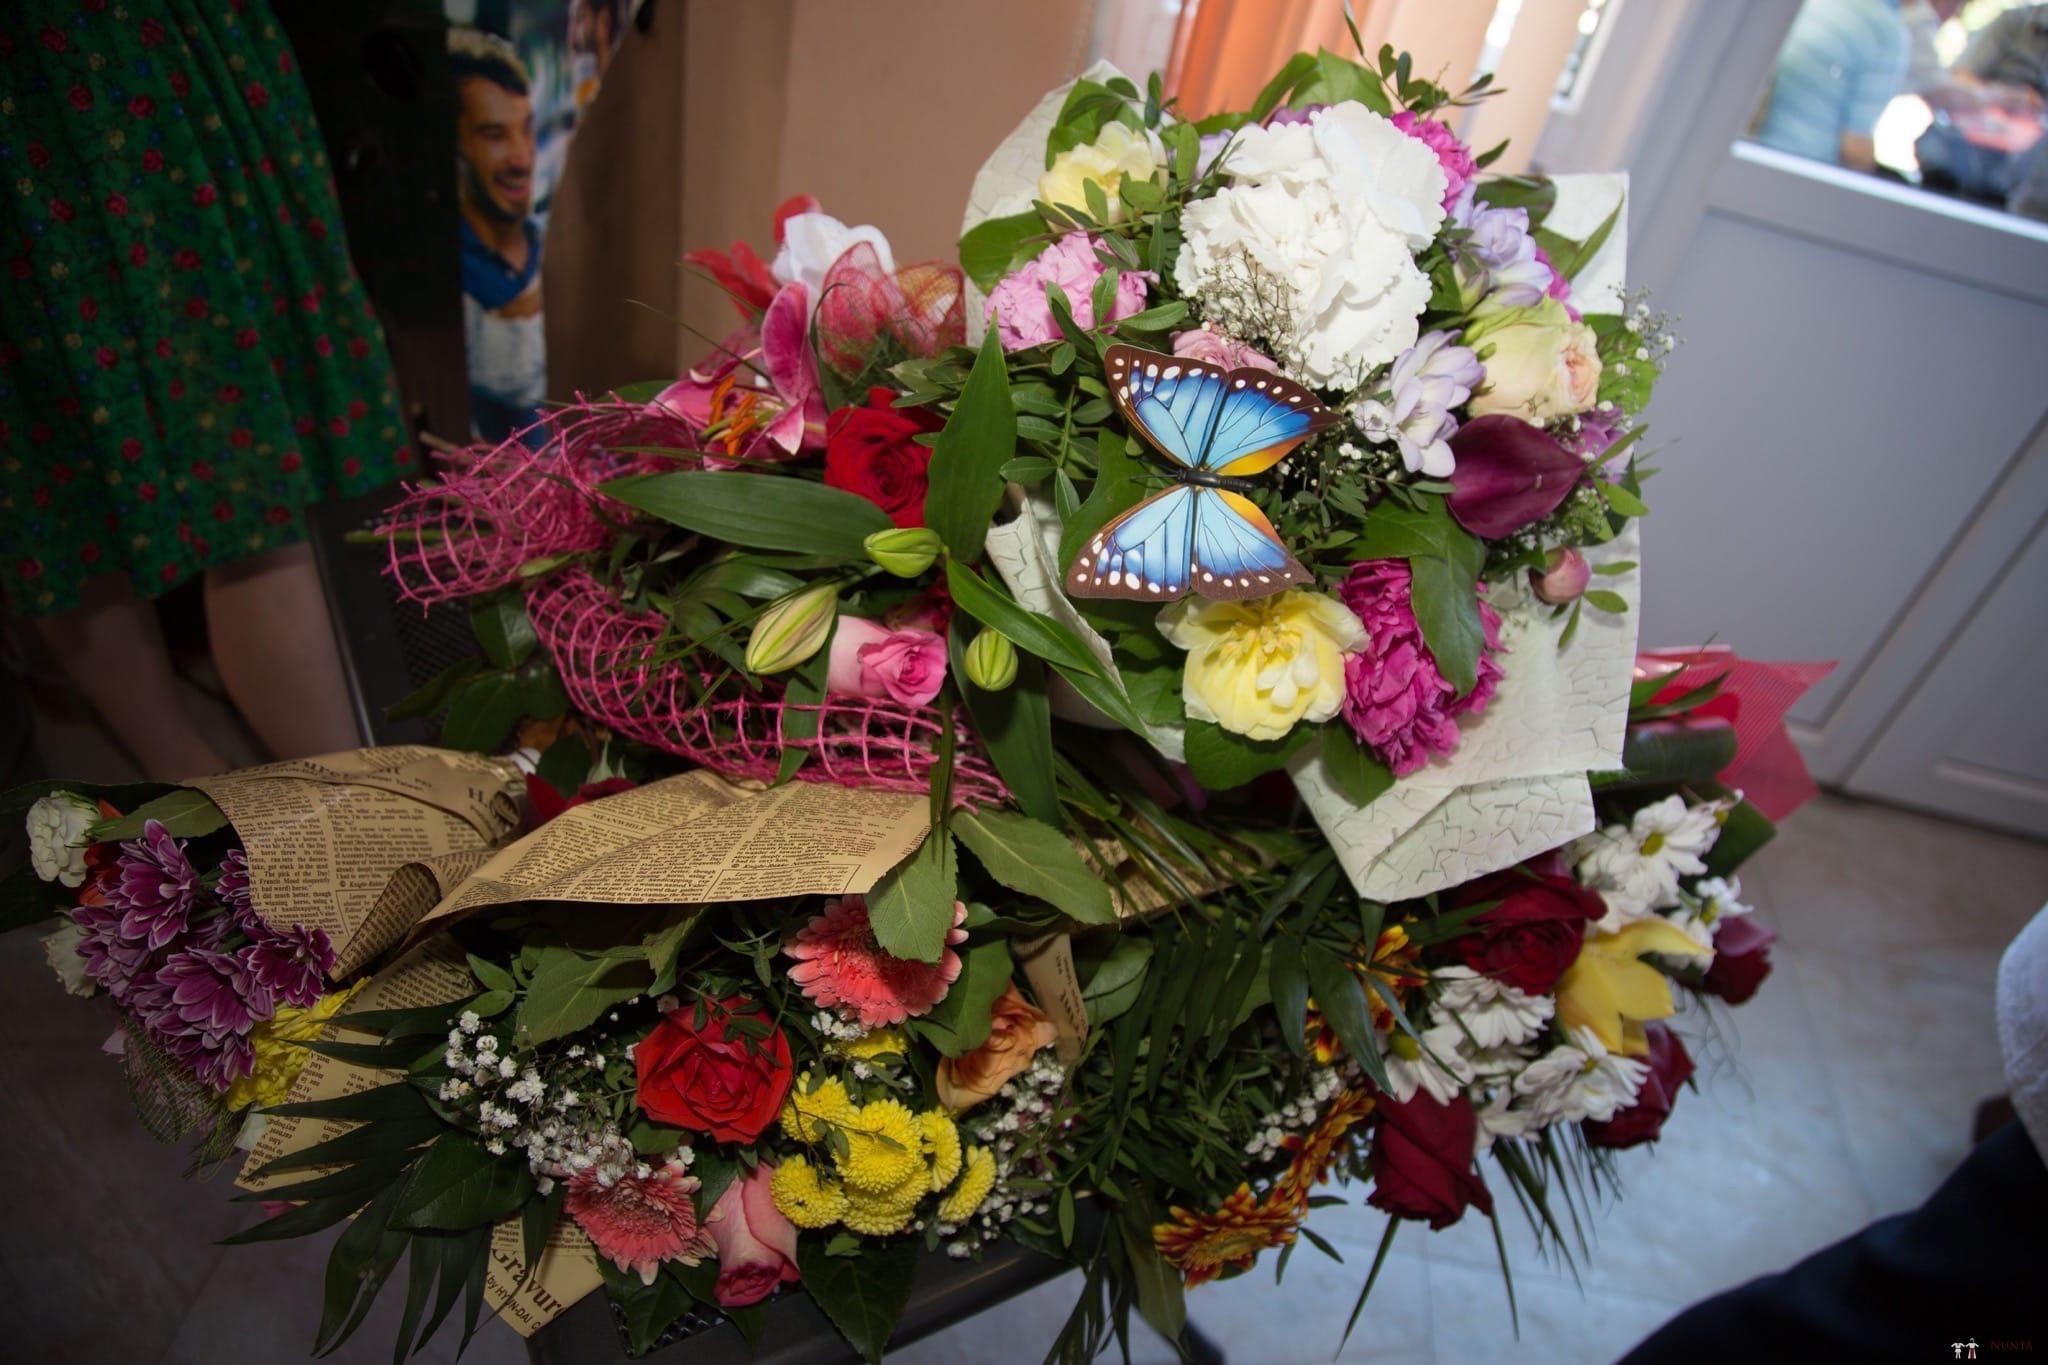 Povești Nunți Tradiționale - Ancuța și Nicu, cununie tradițională în Giulești, Maramureș 40